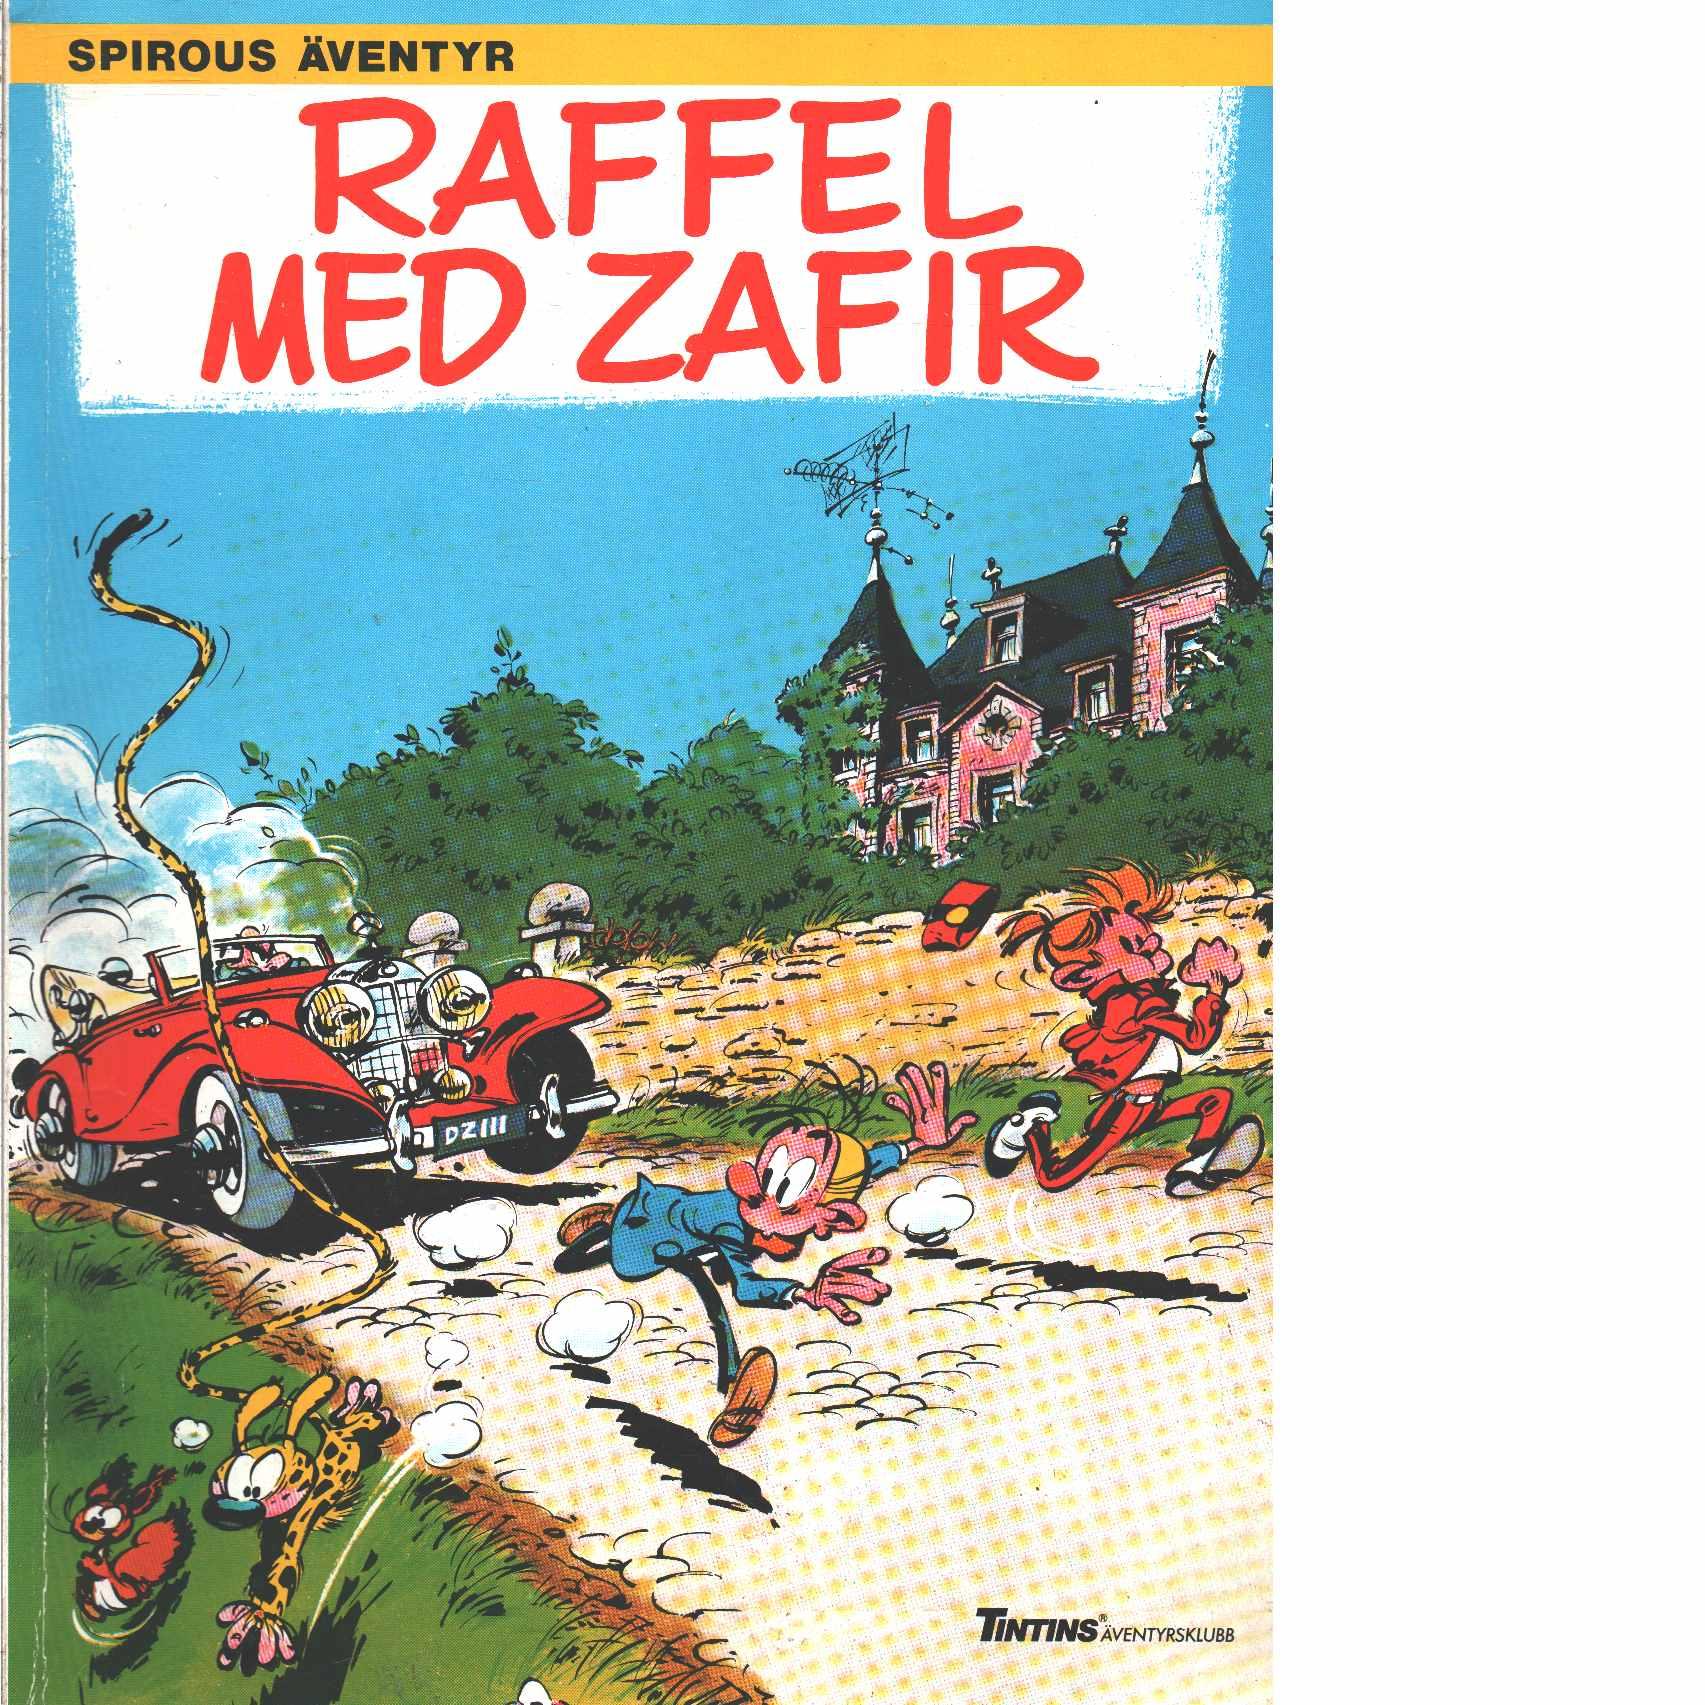 Spirous äventyr  : Raffel med Zafir  - Franquin, André och Jidéhem